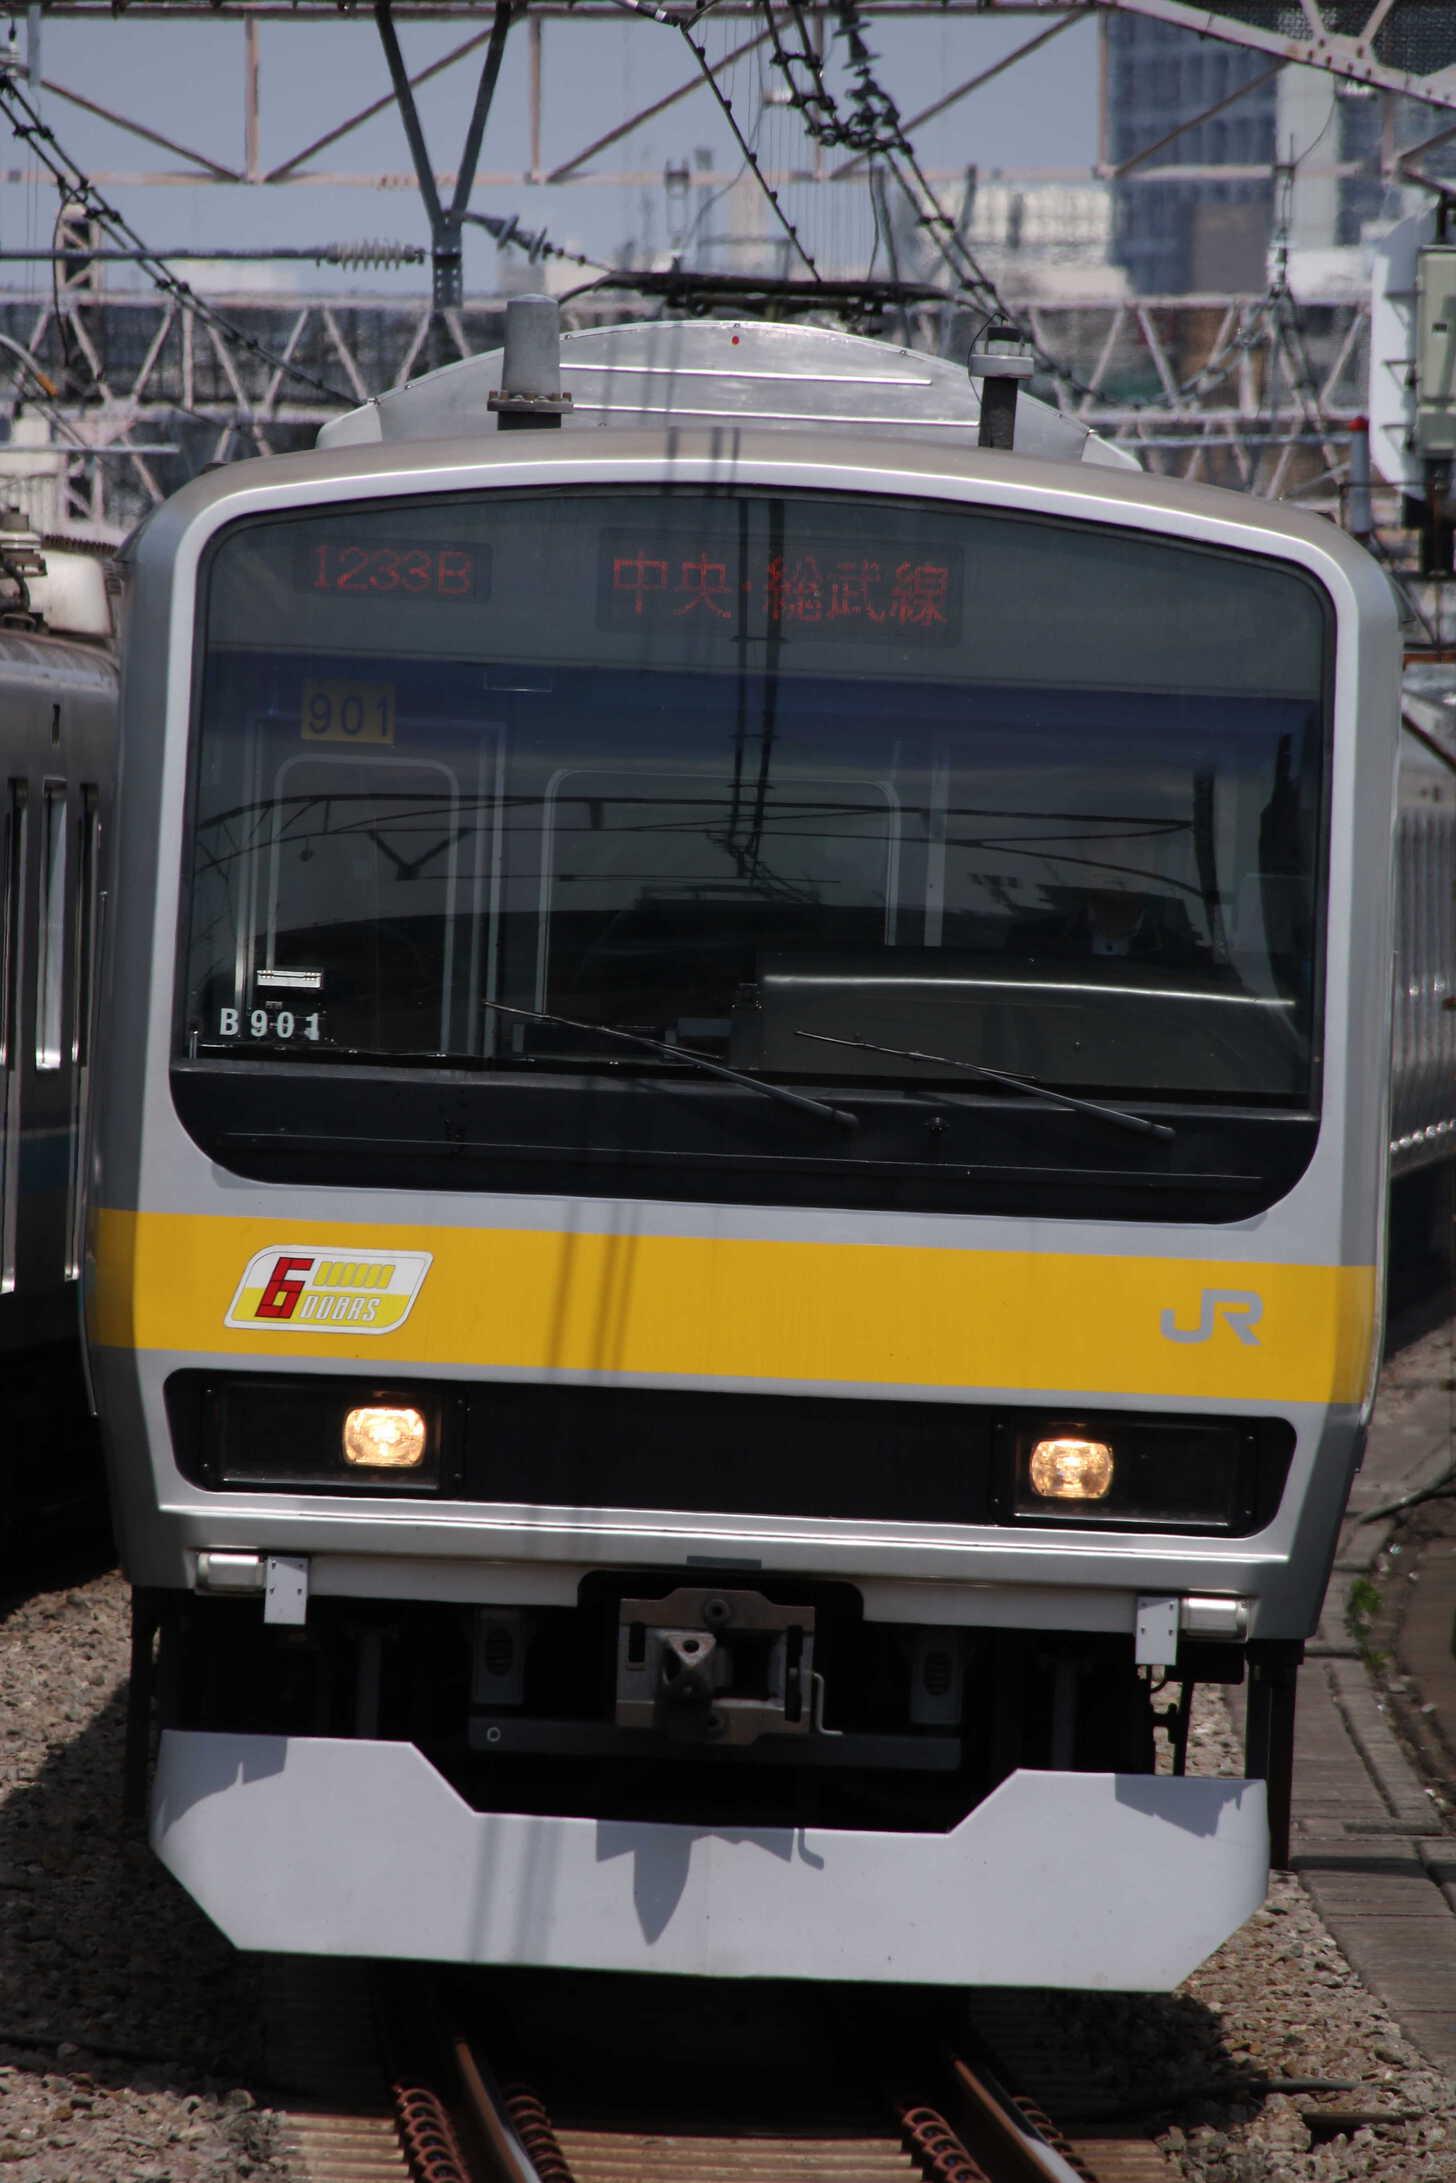 1233B E231系 八ミツB901編成